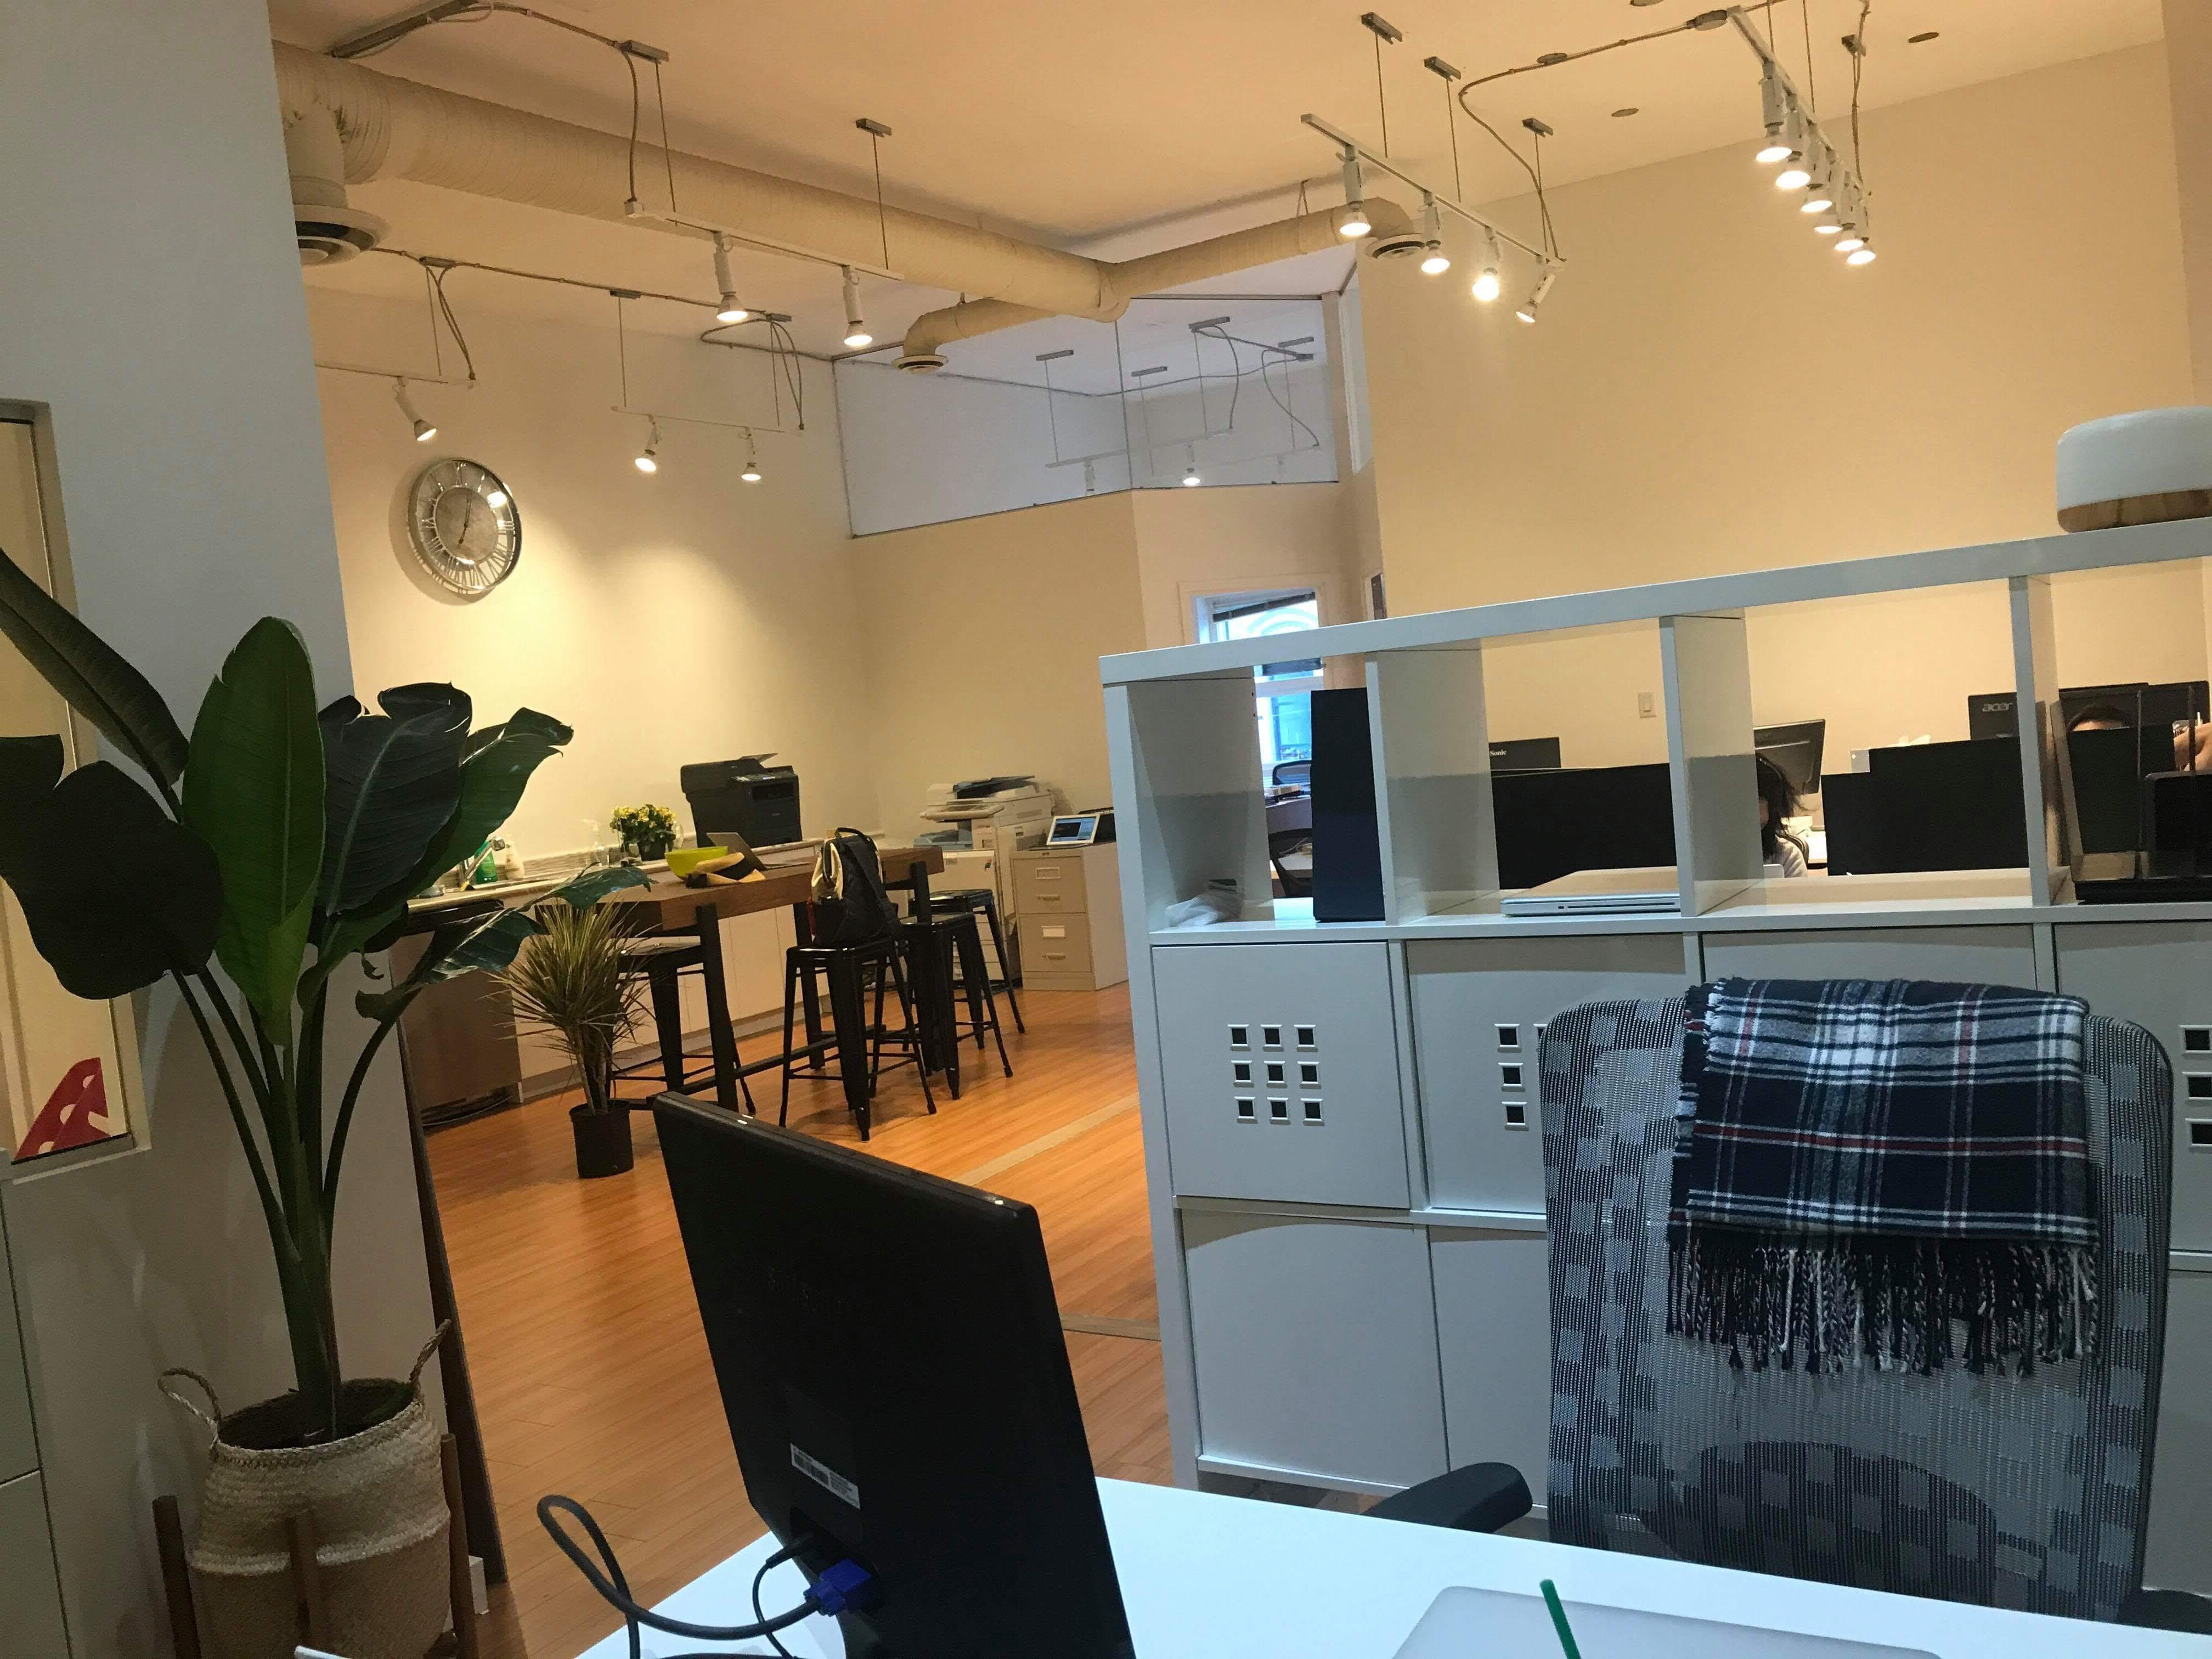 ホイクペディアの運営元COS留学サポートデスクの新オフィスに潜入してまいりました!